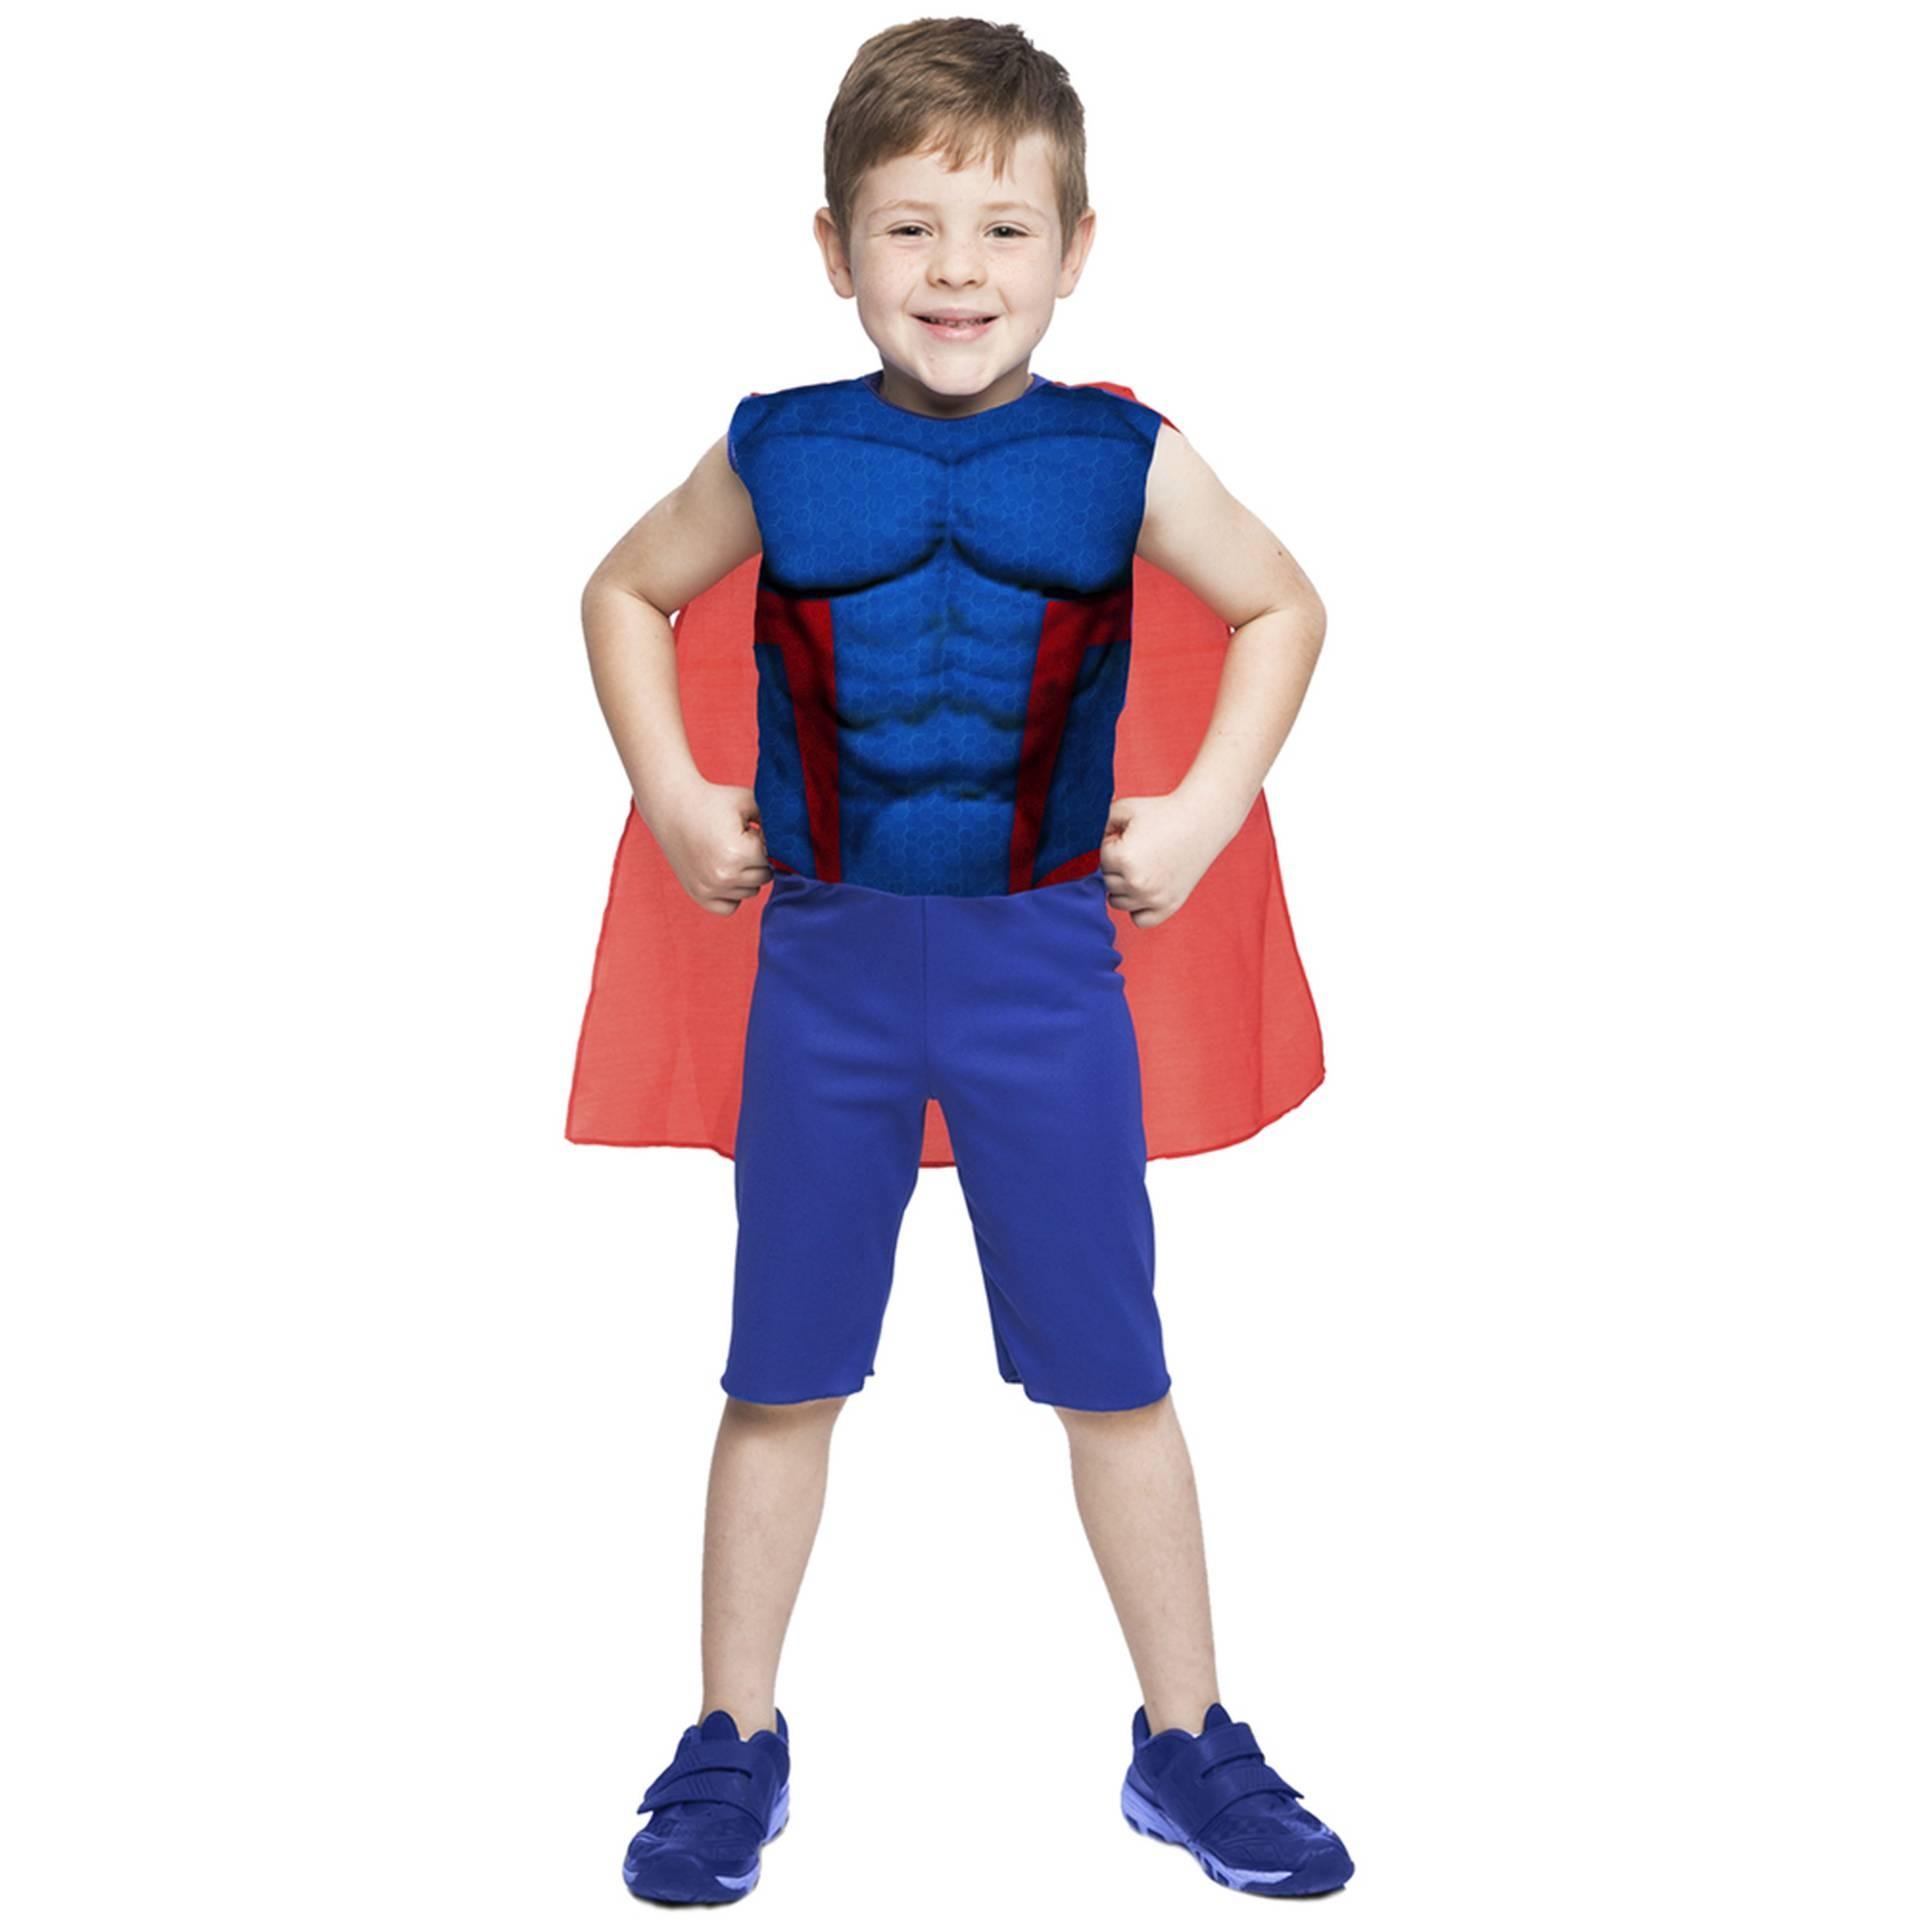 Fantasias do Super Capitão Estelar com capa e músculos